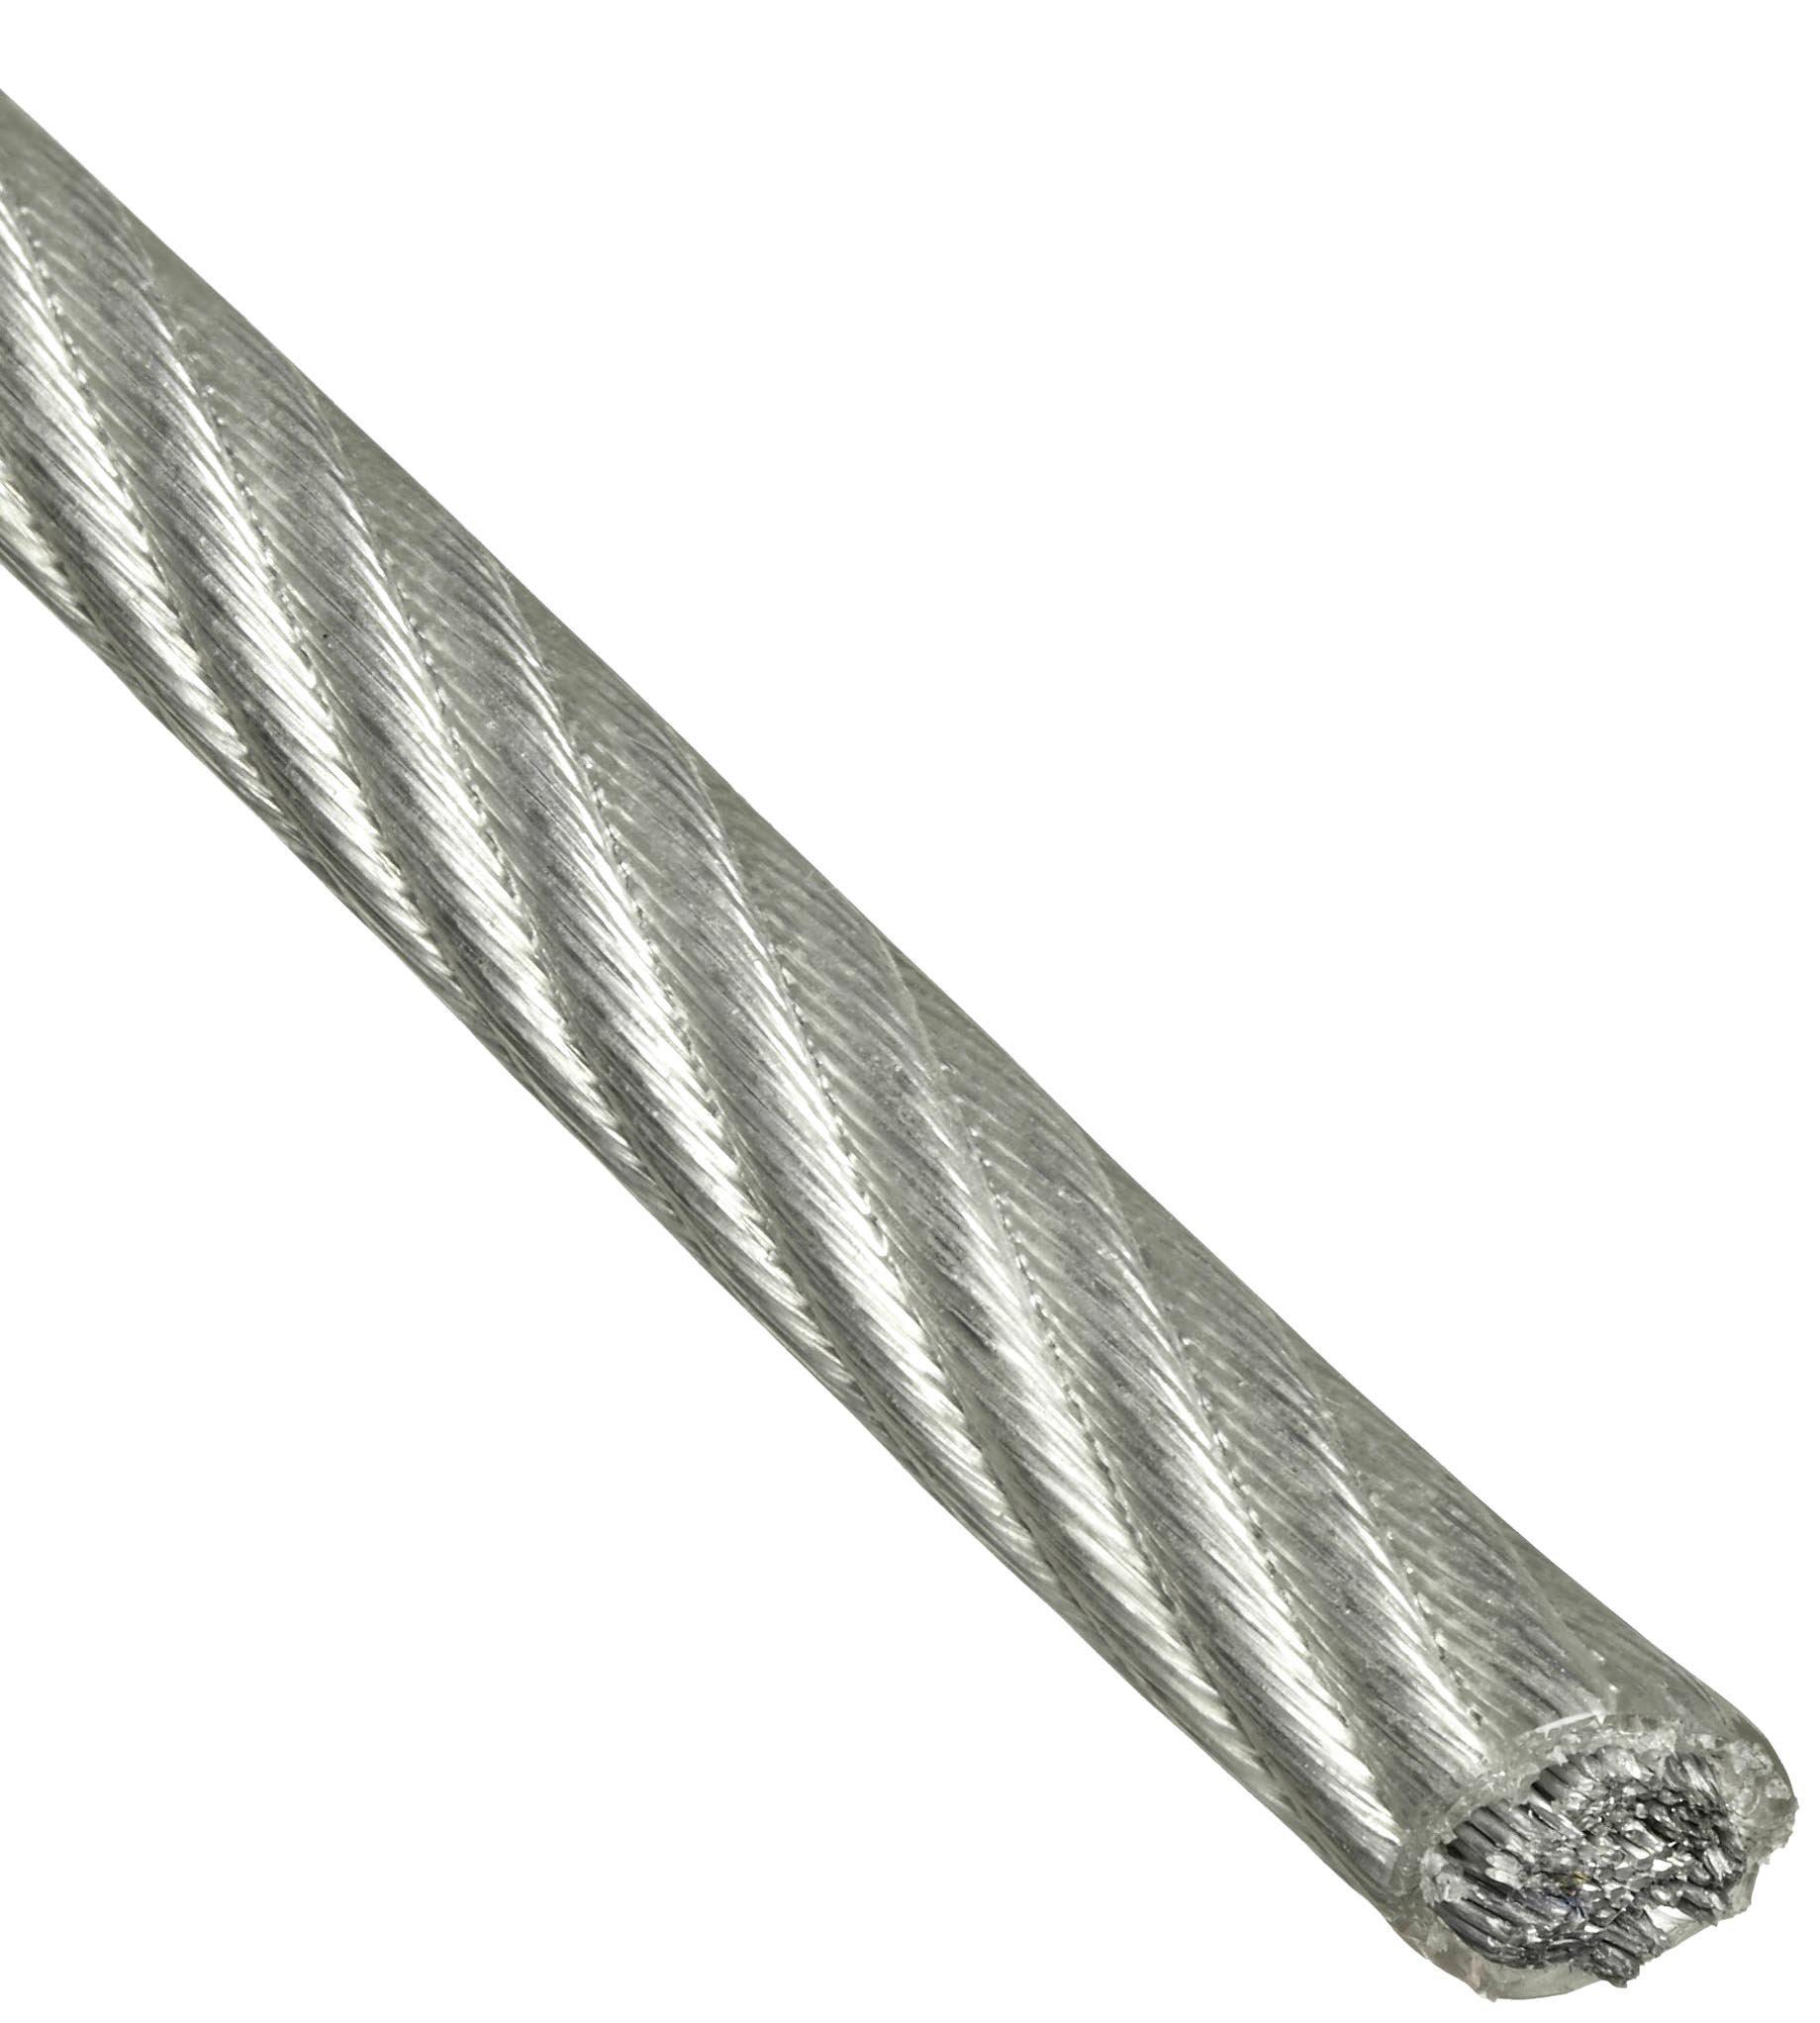 Трос ЗУБР Профессионал din 3055 в оплетке ПВХ d=6/8 мм l=100 м